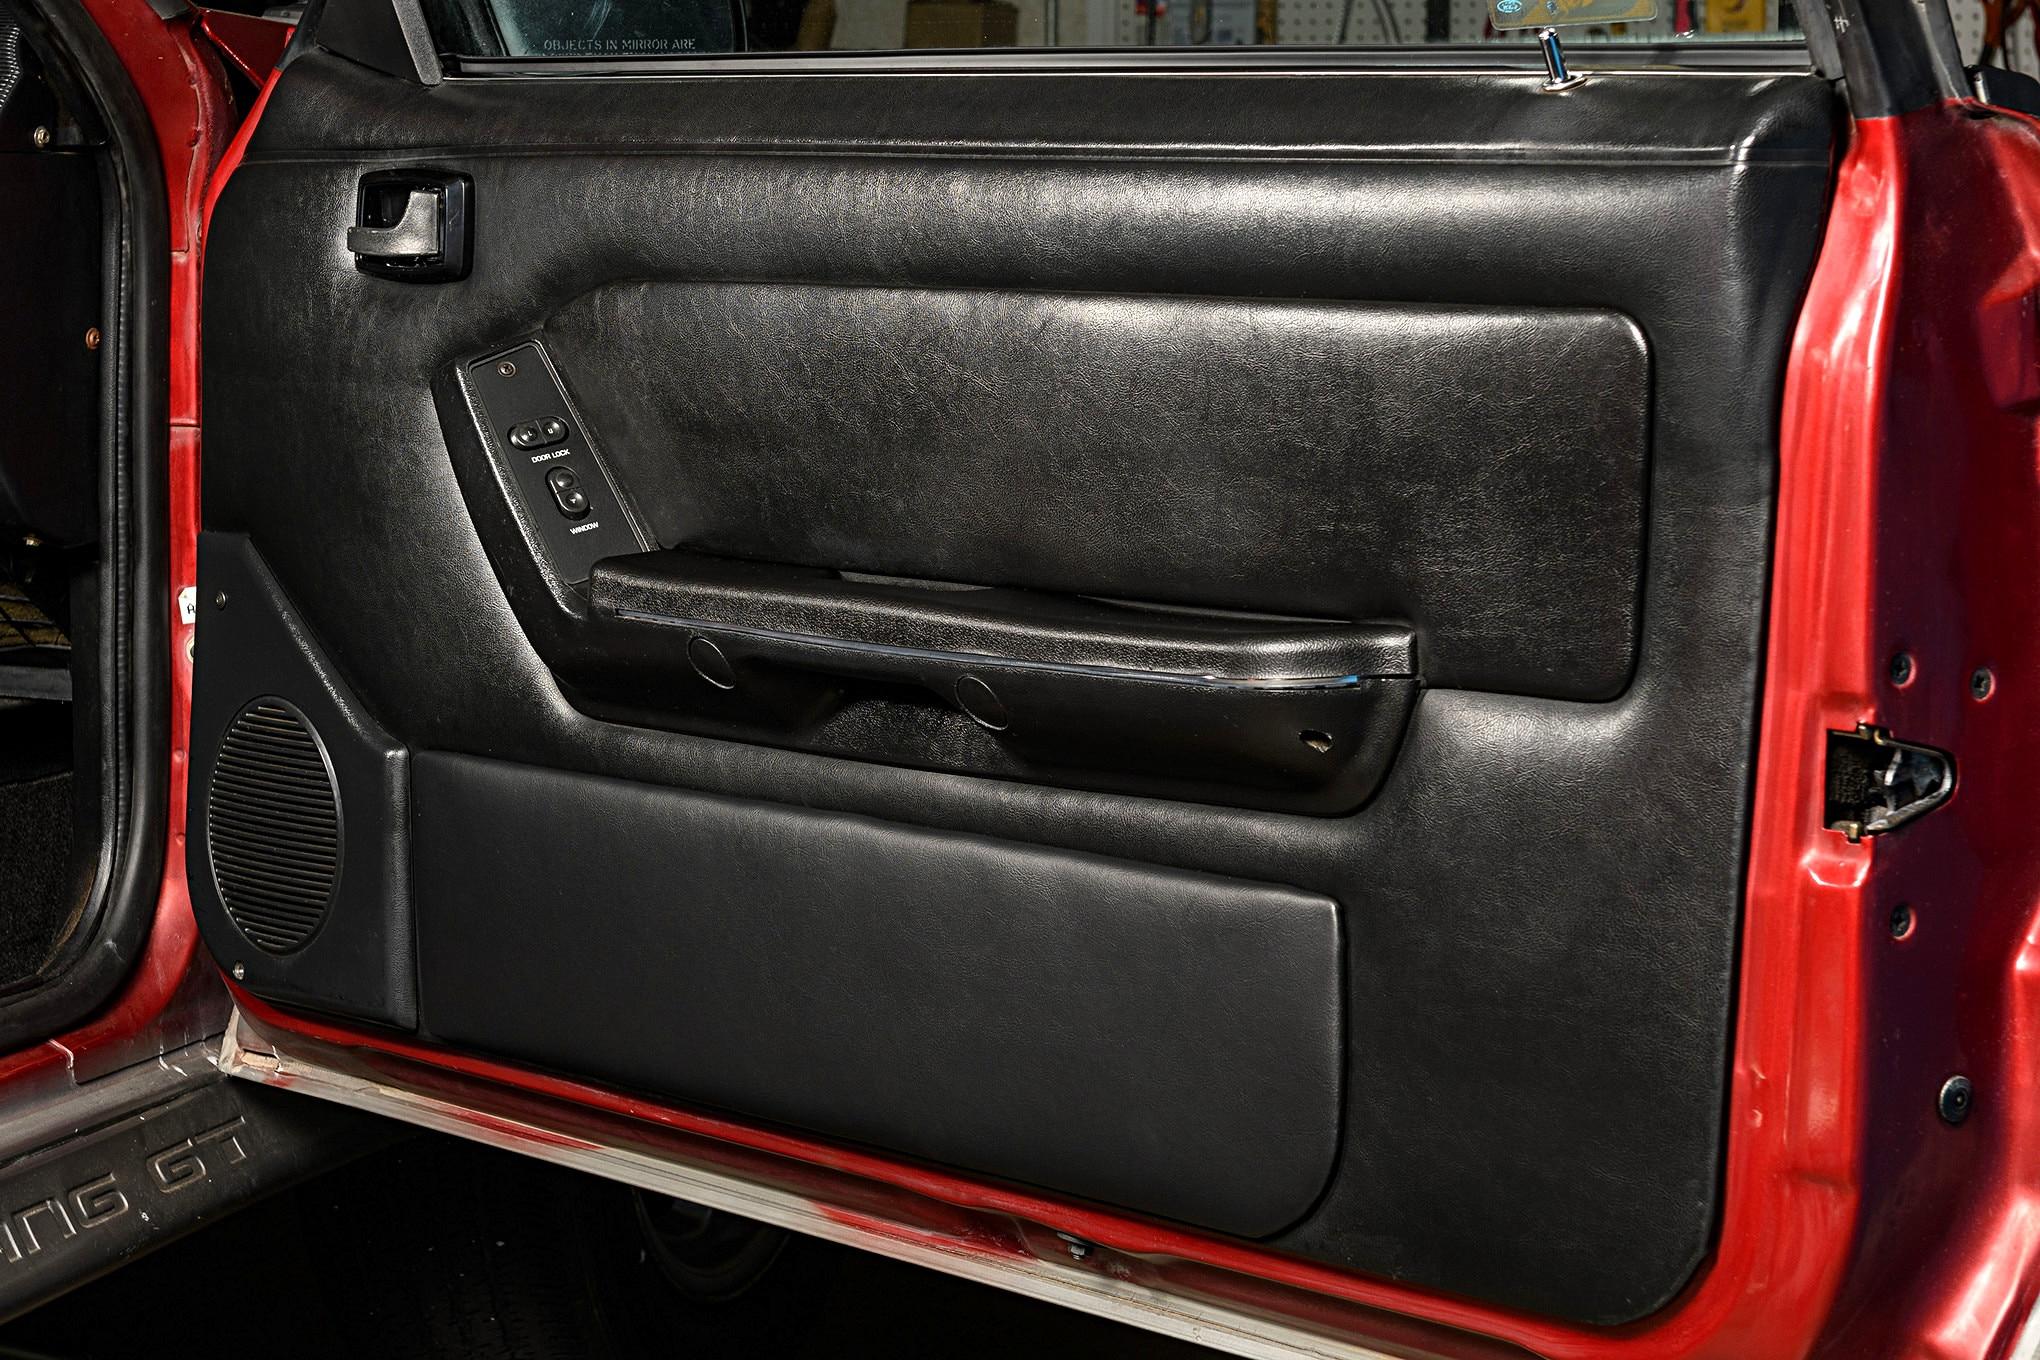 001 Mustang Door Panel Finished Black